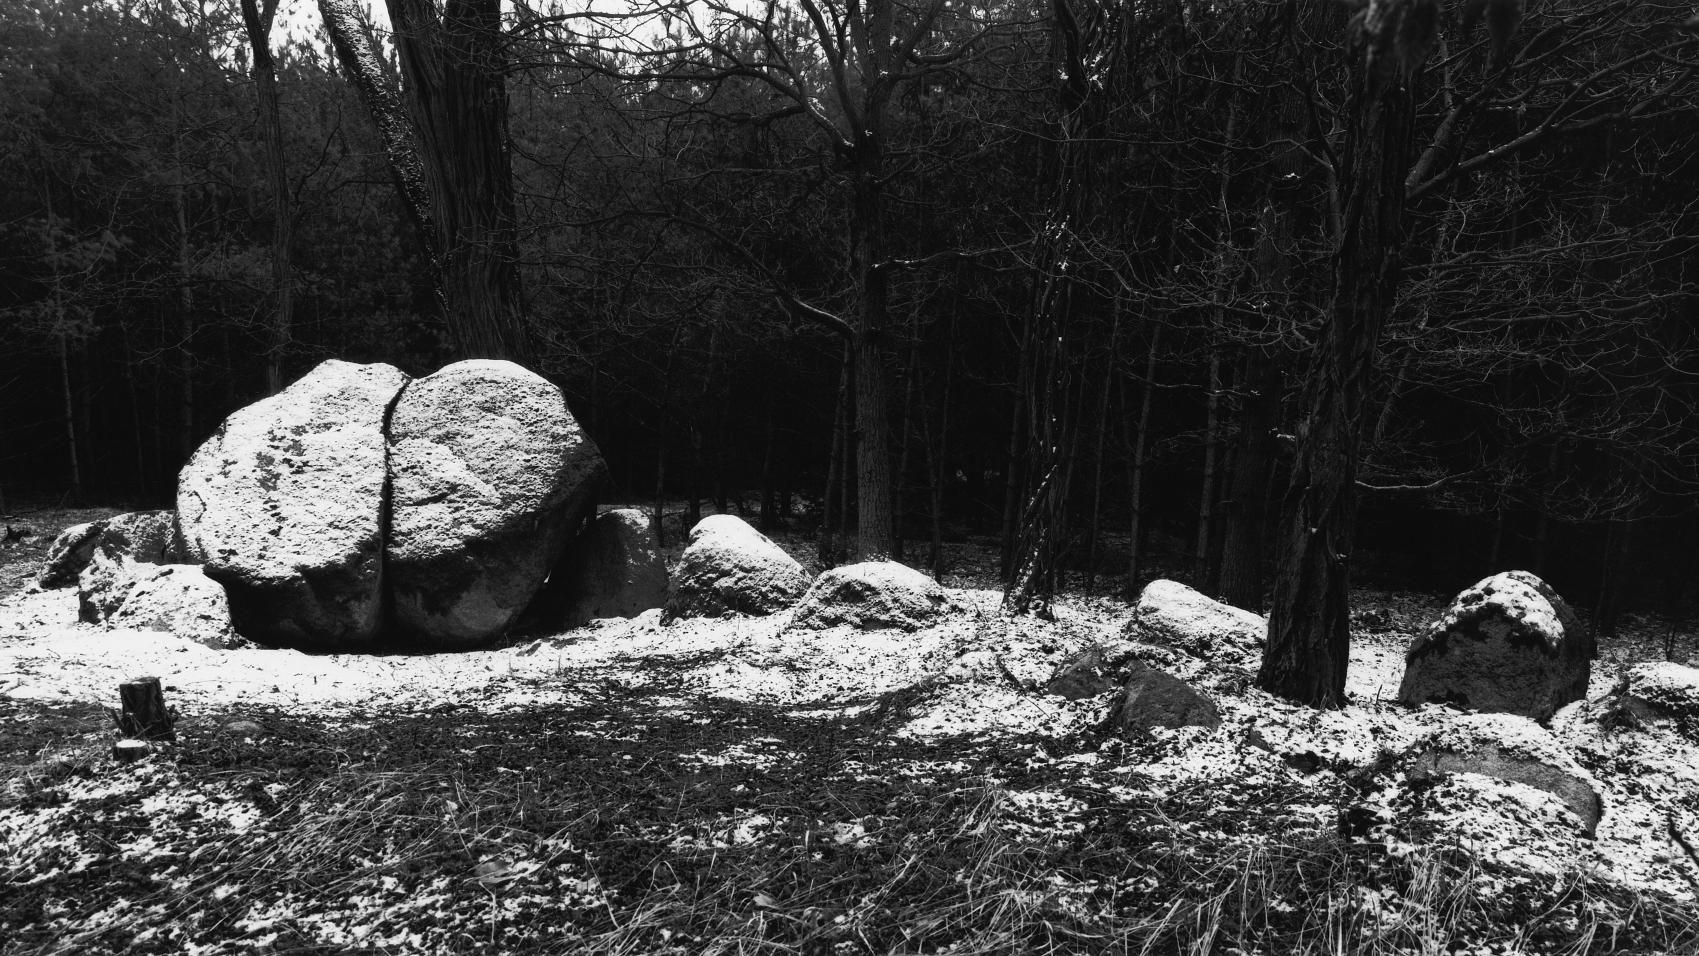 Der Großdolmen von Hohenwulsch-Friedrichsfleiss, Fundplatz 1, im Landkreis Stendal. © Landesamt für Denkmalpflege und Archäologie Sachsen-Anhalt, Juraj Lipták.